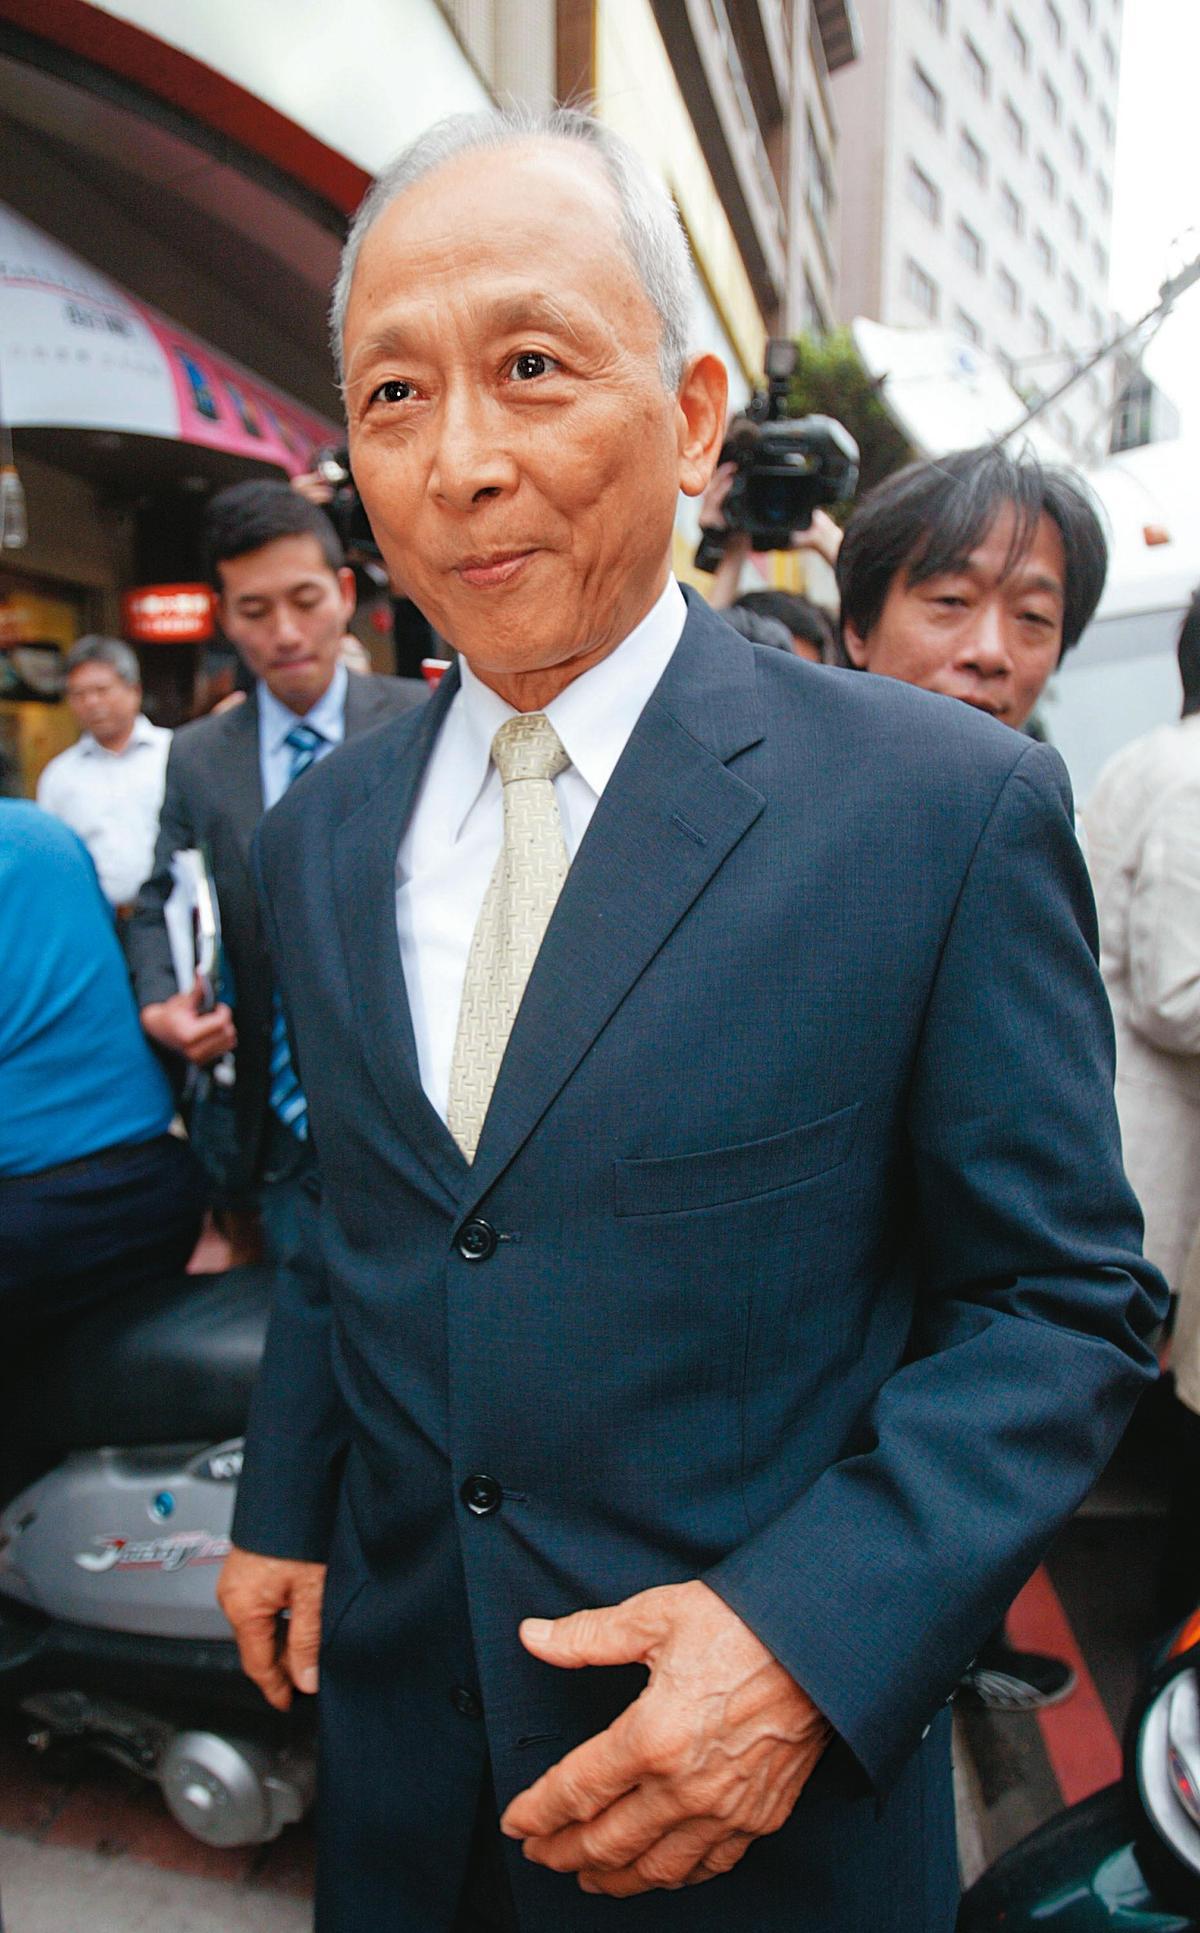 前國防部長陳肇敏(圖)在翁茂鍾的買股名單上,以自己名義買了10張佳和集團股票。(中央社)